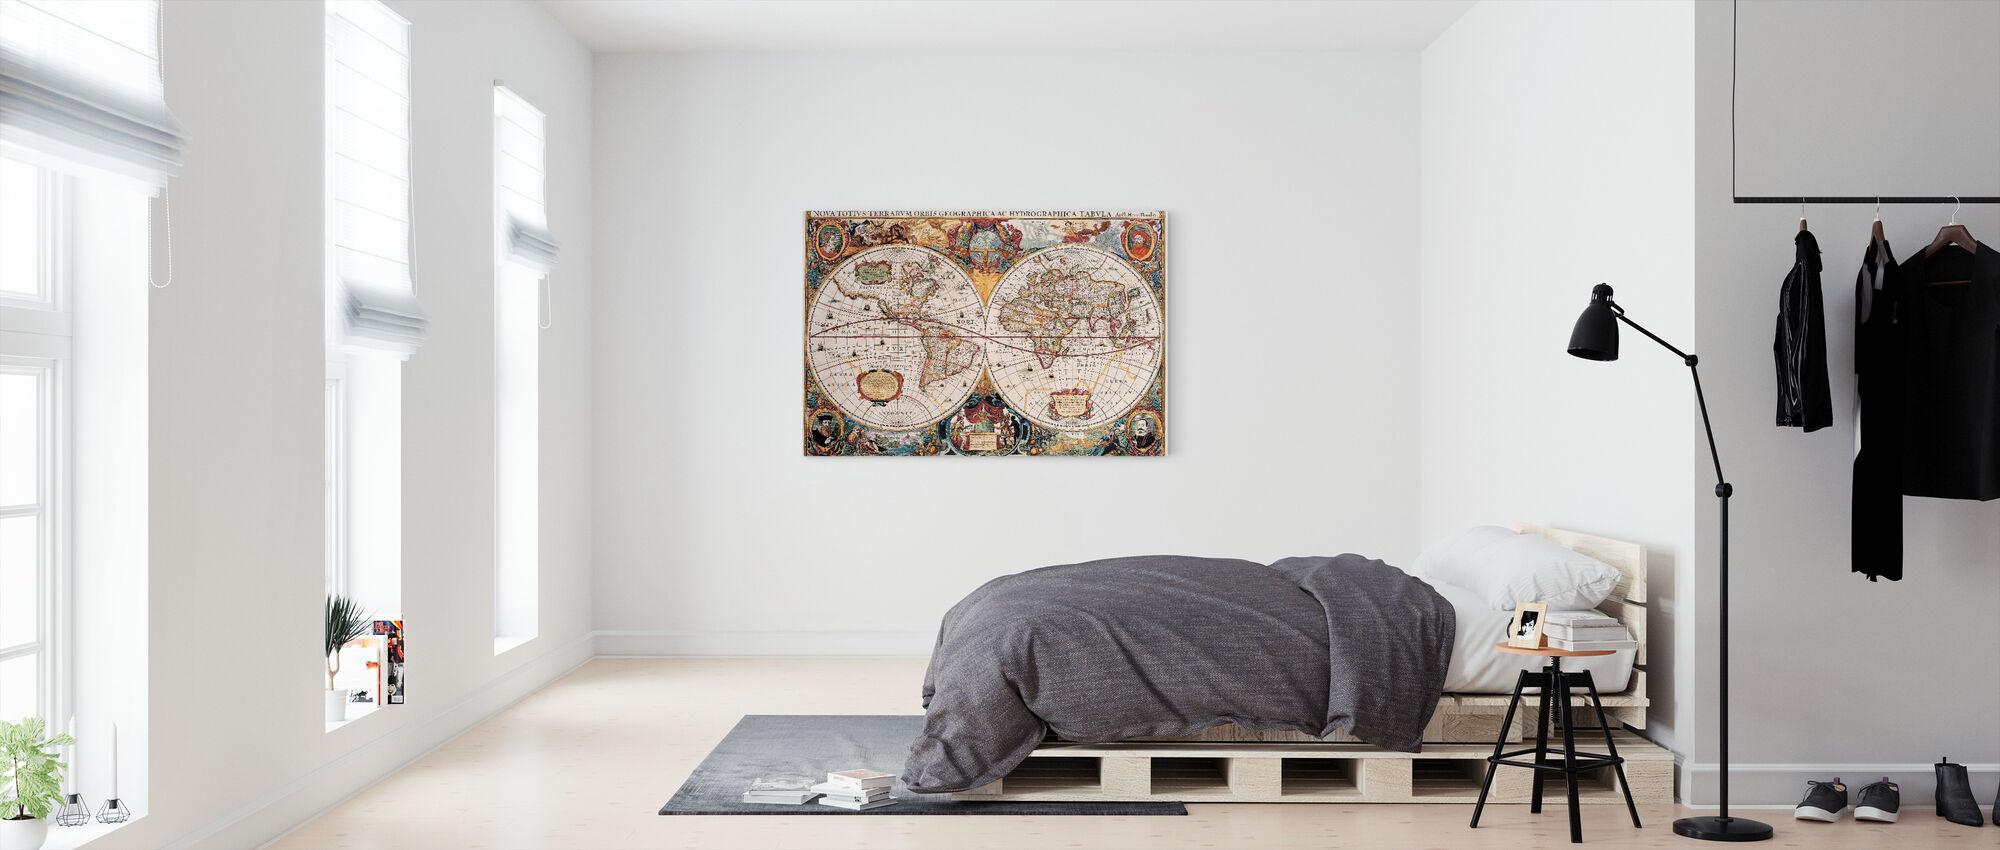 Carte antique - Henricus Hondius 1630 - Impression sur toile - Chambre